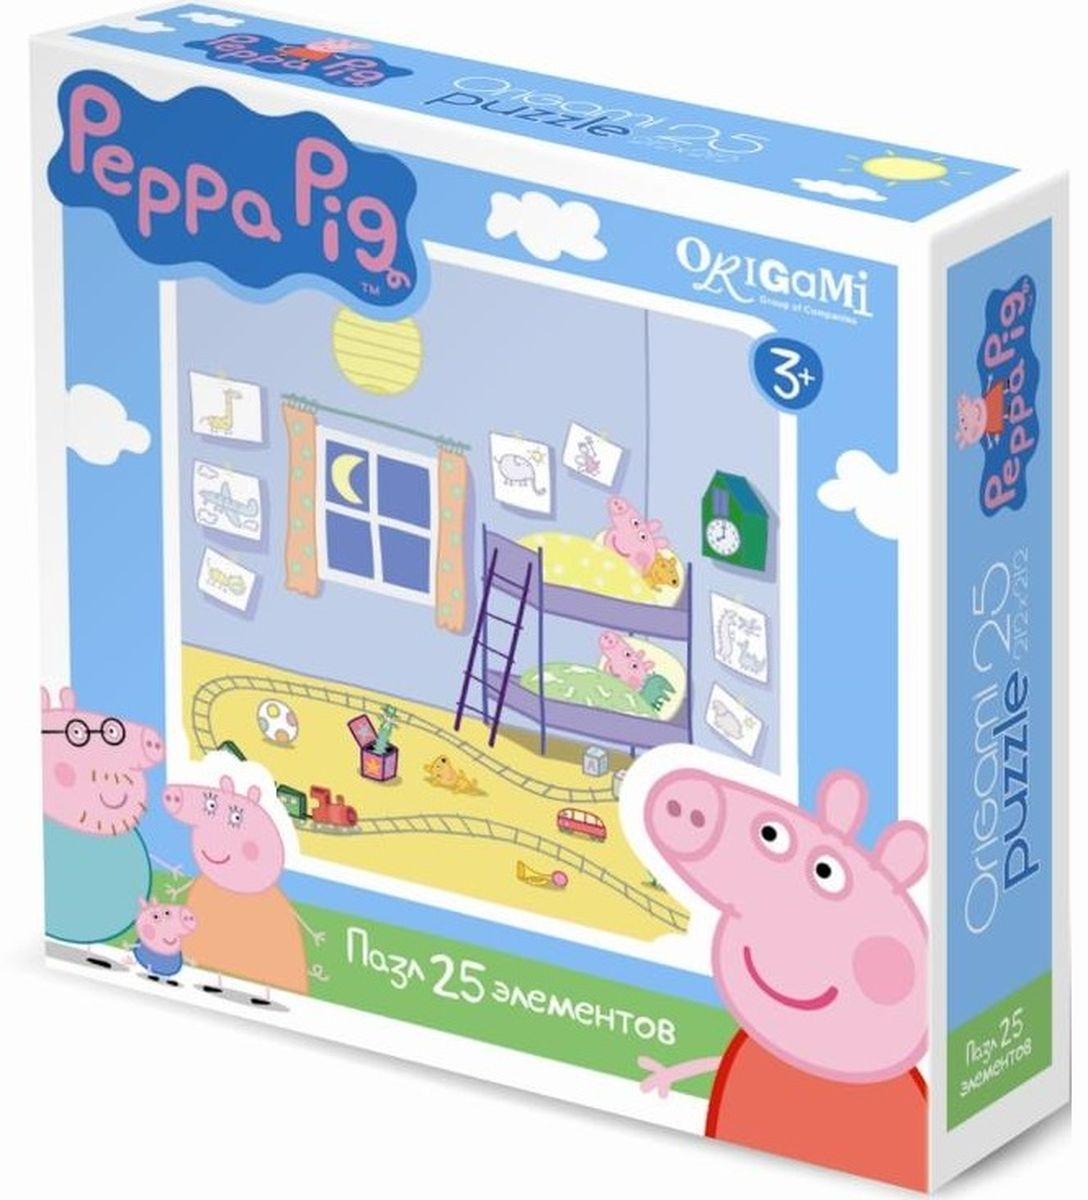 Оригами Пазл для малышей Peppa Pig 01582 пазл 4 в 1 peppa pig транспорт 01597